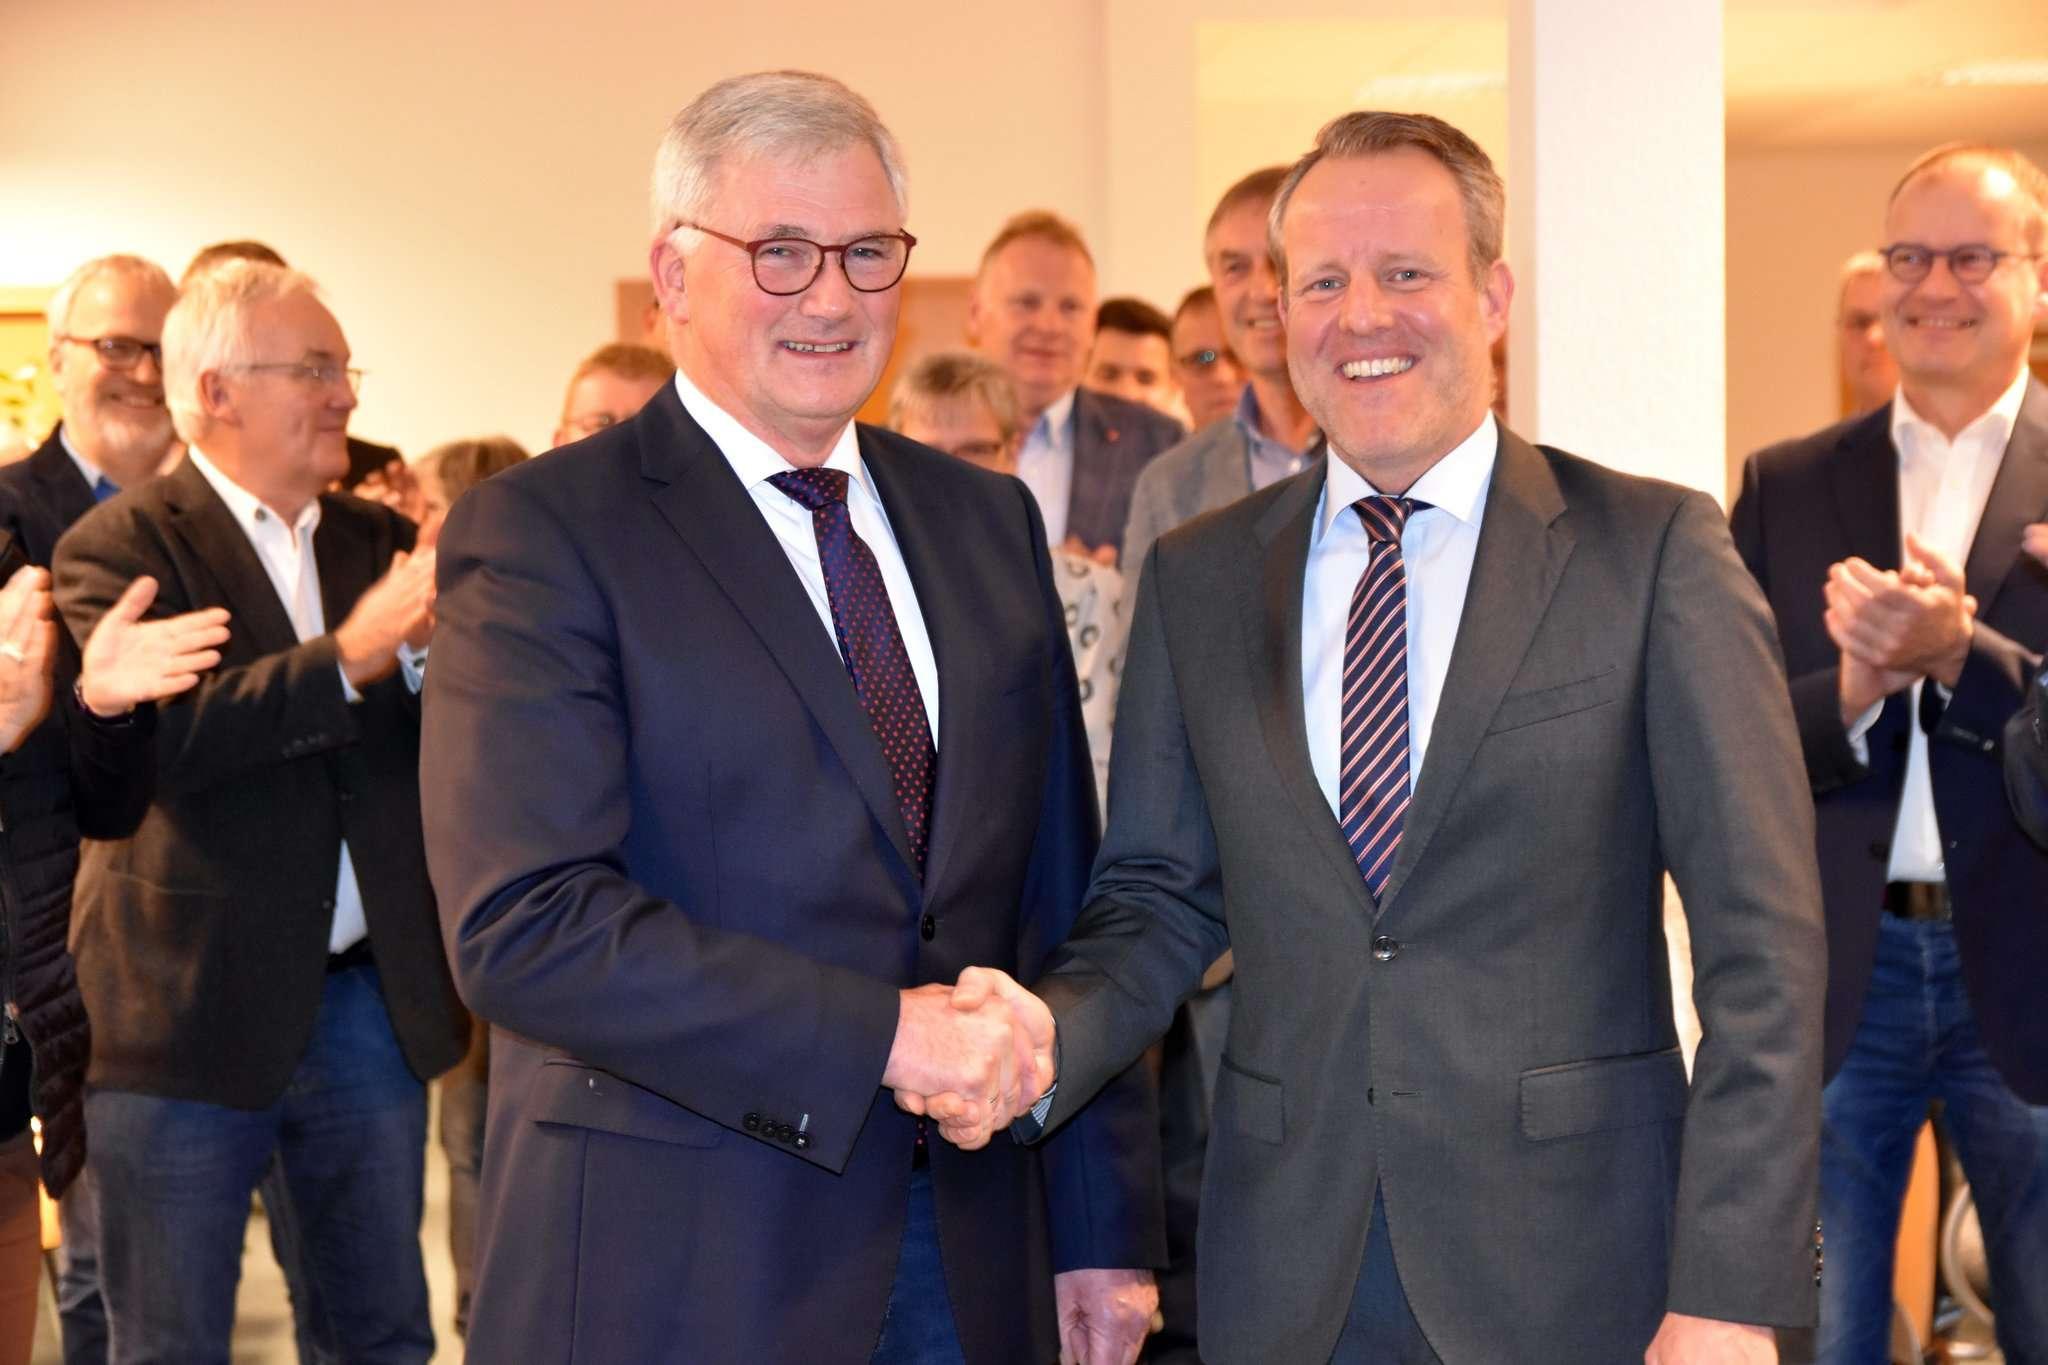 Jörn Keller nahm nach dem formellen Akt der Vereidigung freudestrahlend die Gratulation von Diedrich Höyns und den Applaus der Ratsmitglieder entgegen. Foto: Heidrun Meyer